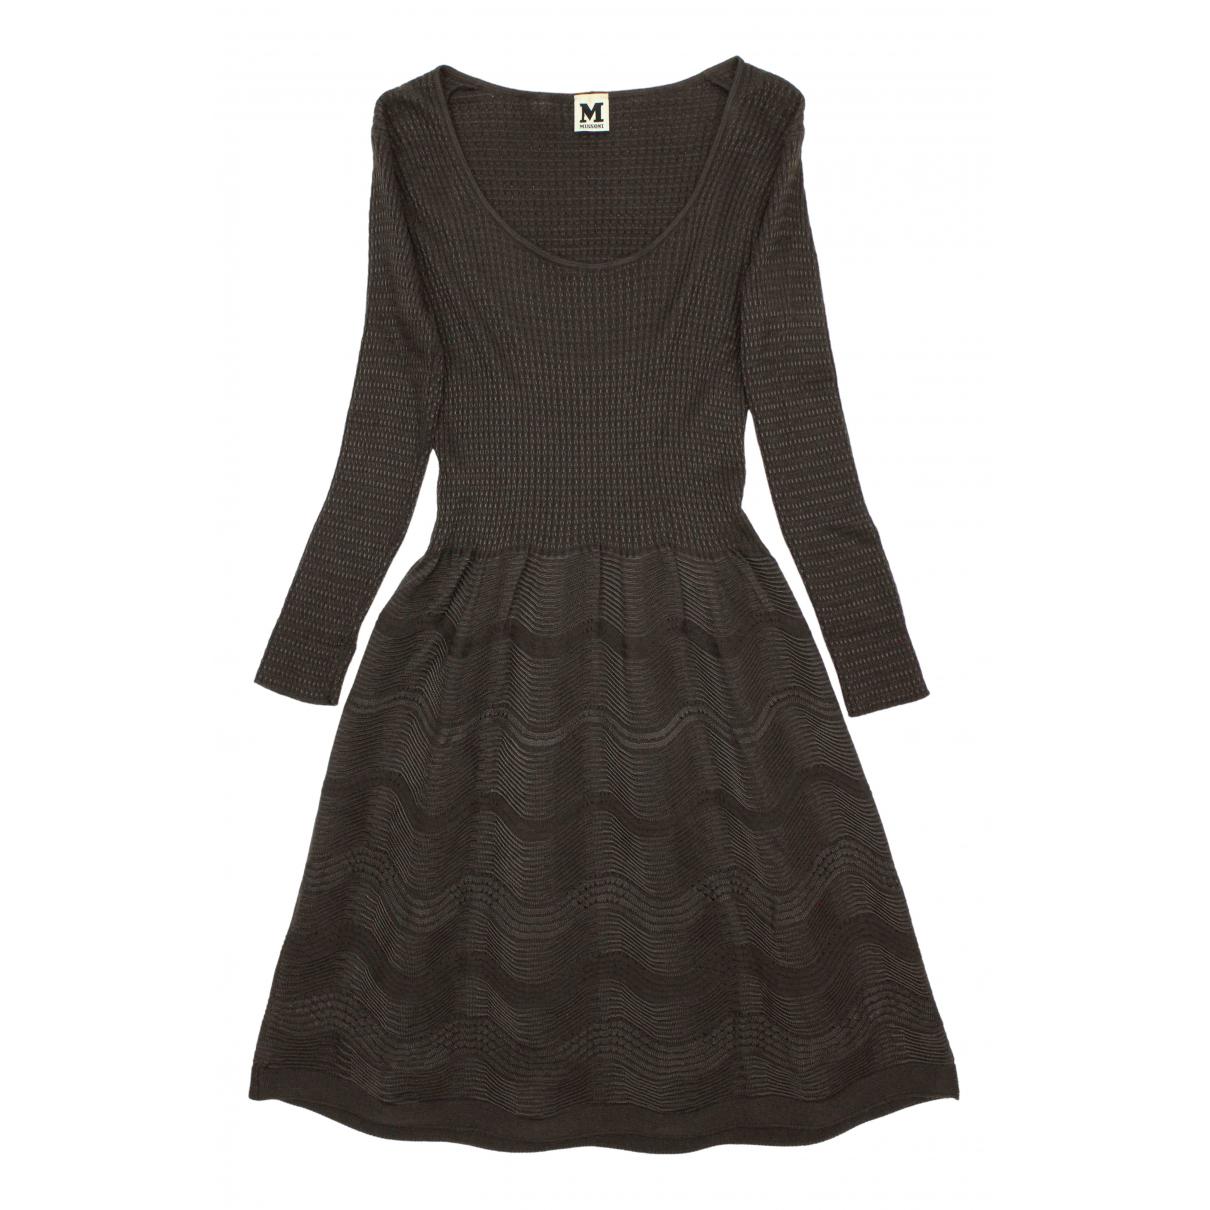 M Missoni \N Kleid in  Grau Wolle